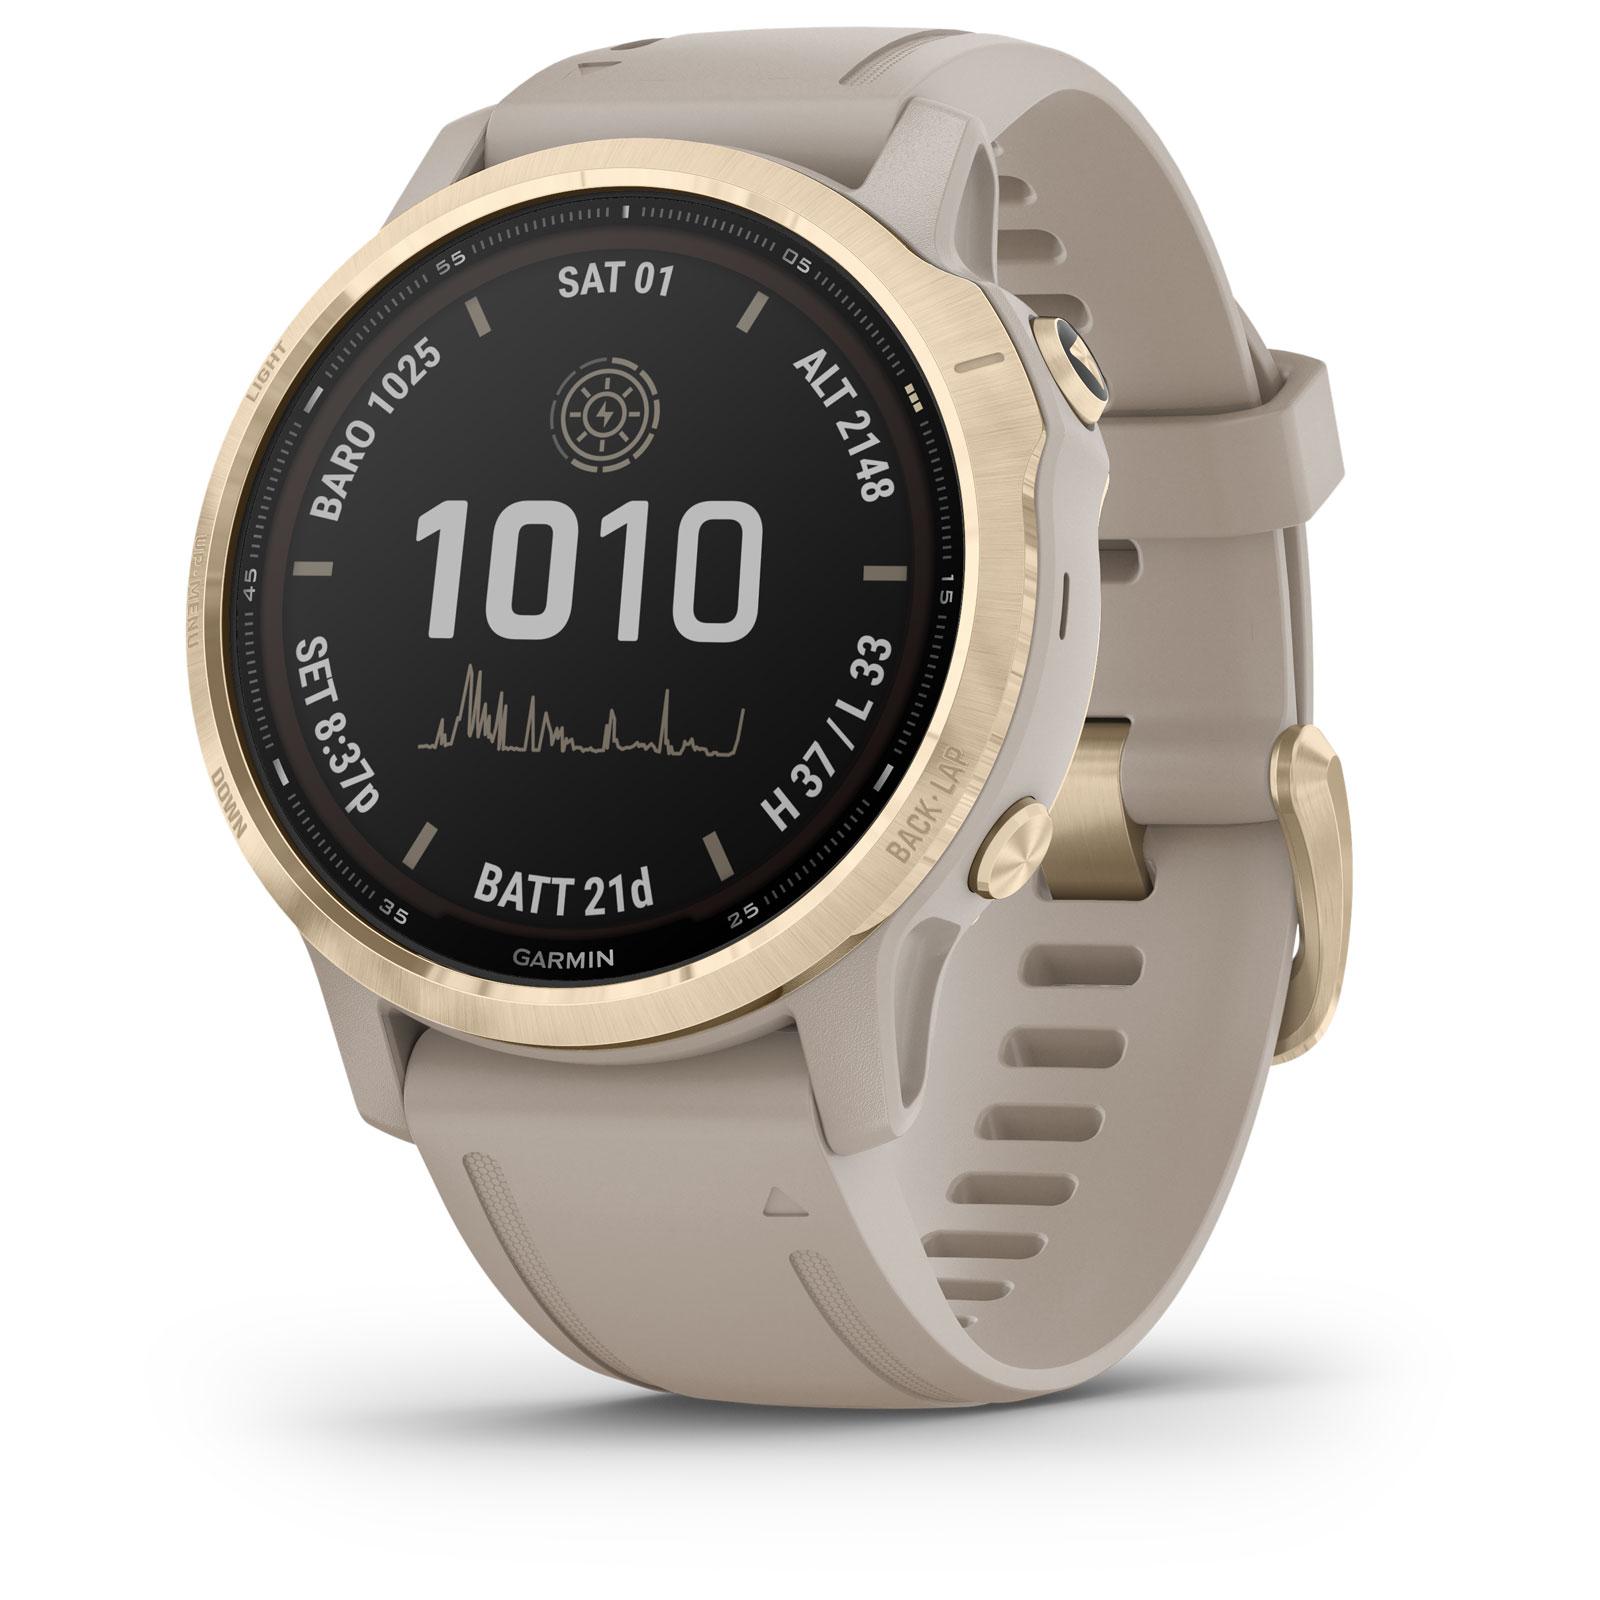 Produktbild von Garmin fenix 6s Pro Solar GPS Smartwatch - beige/weißgold